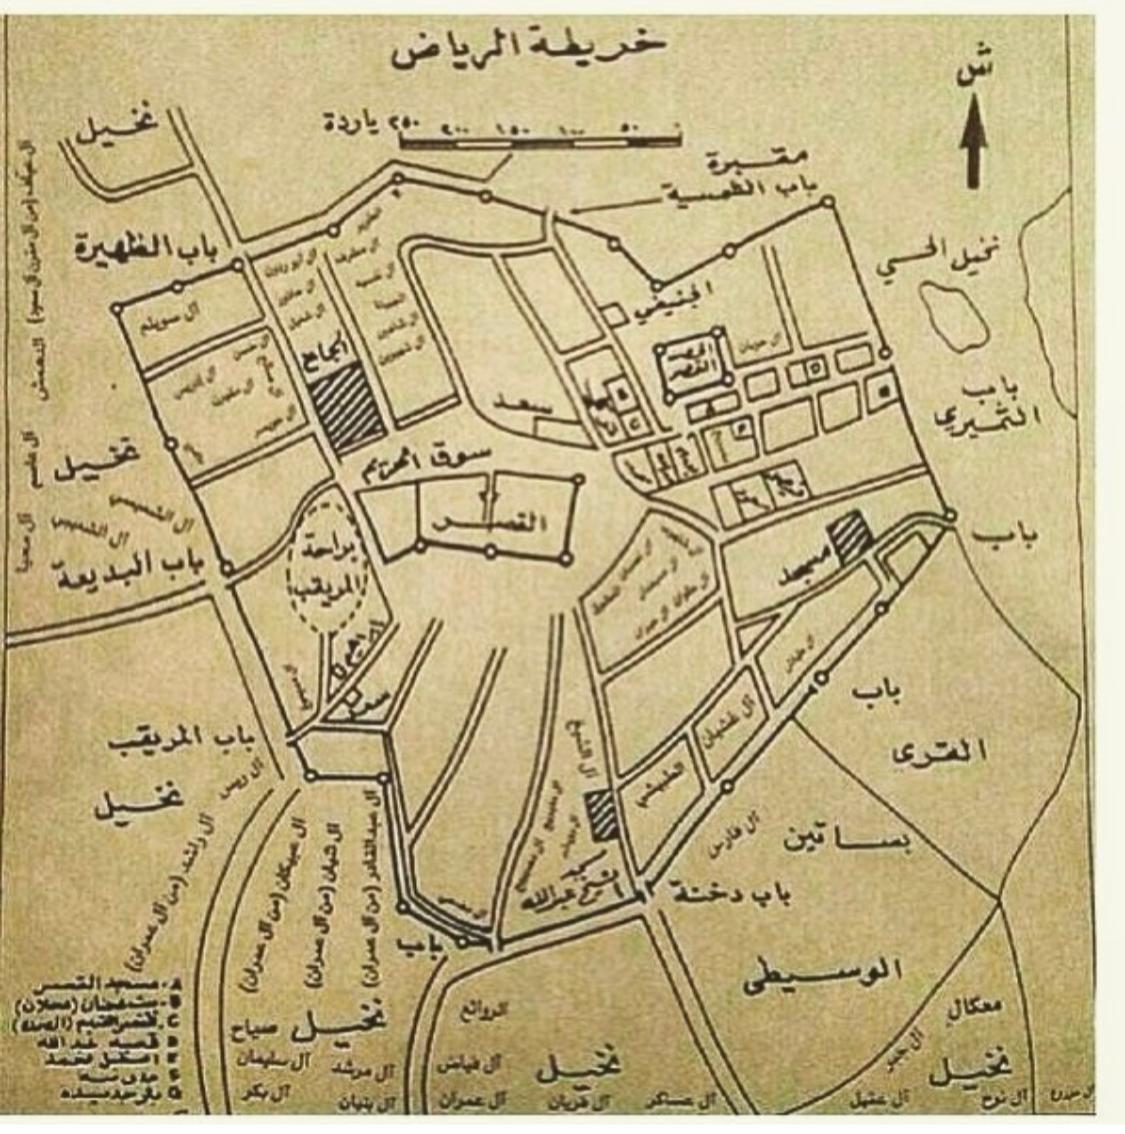 خريطة الرياض قديما Olds National Saudi Arabia